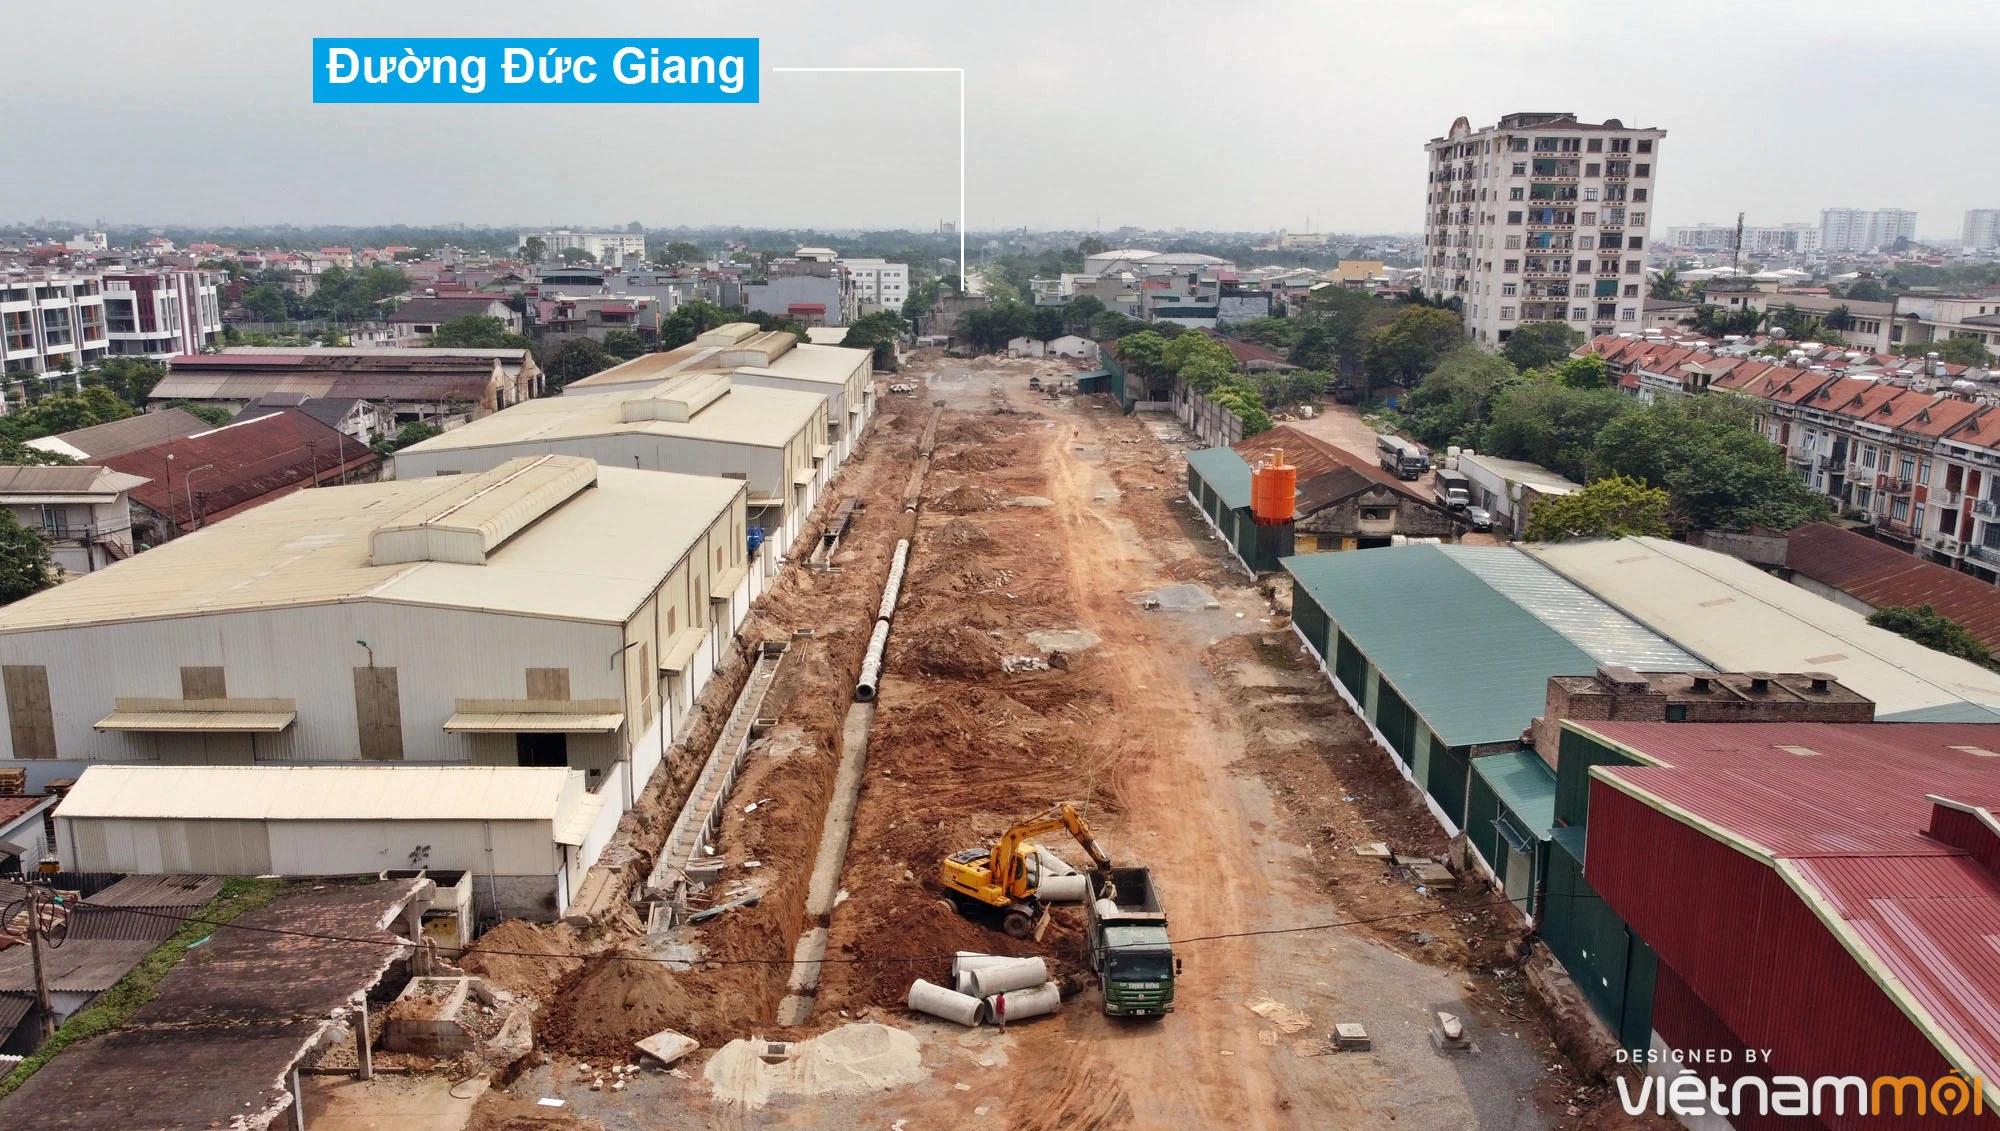 Toàn cảnh đường từ đê Ngọc Thụy đến KĐTM Thượng Thanh đang mở theo quy hoạch ở Hà Nội - Ảnh 13.